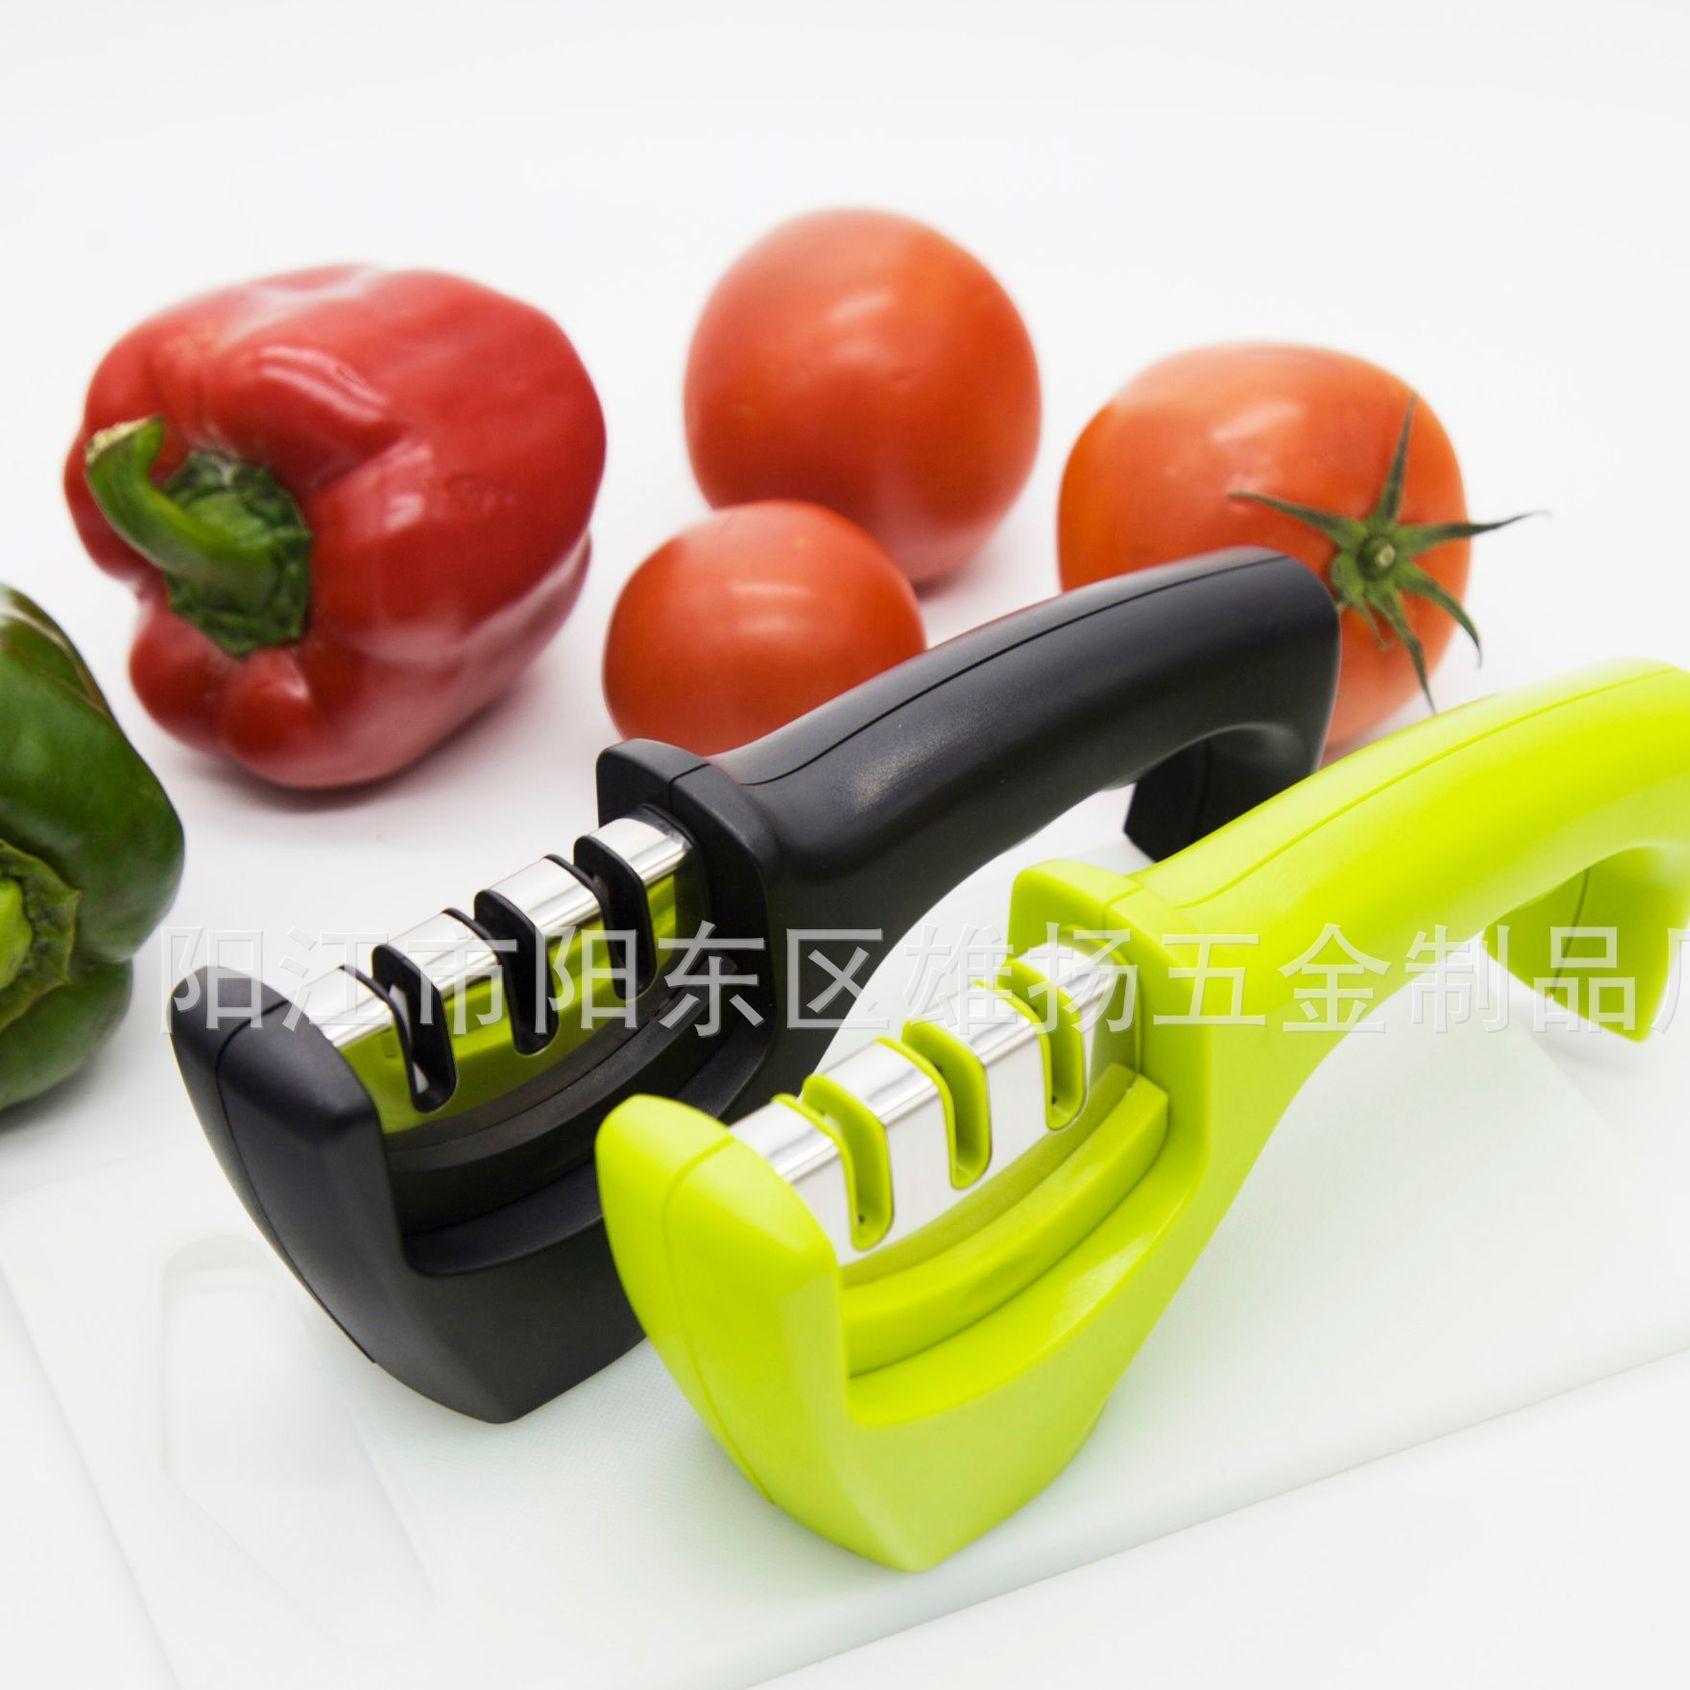 供应金刚石磨刀器磨刀石菜刀磨刀神器 厨房用品磨刀棒家用小工具